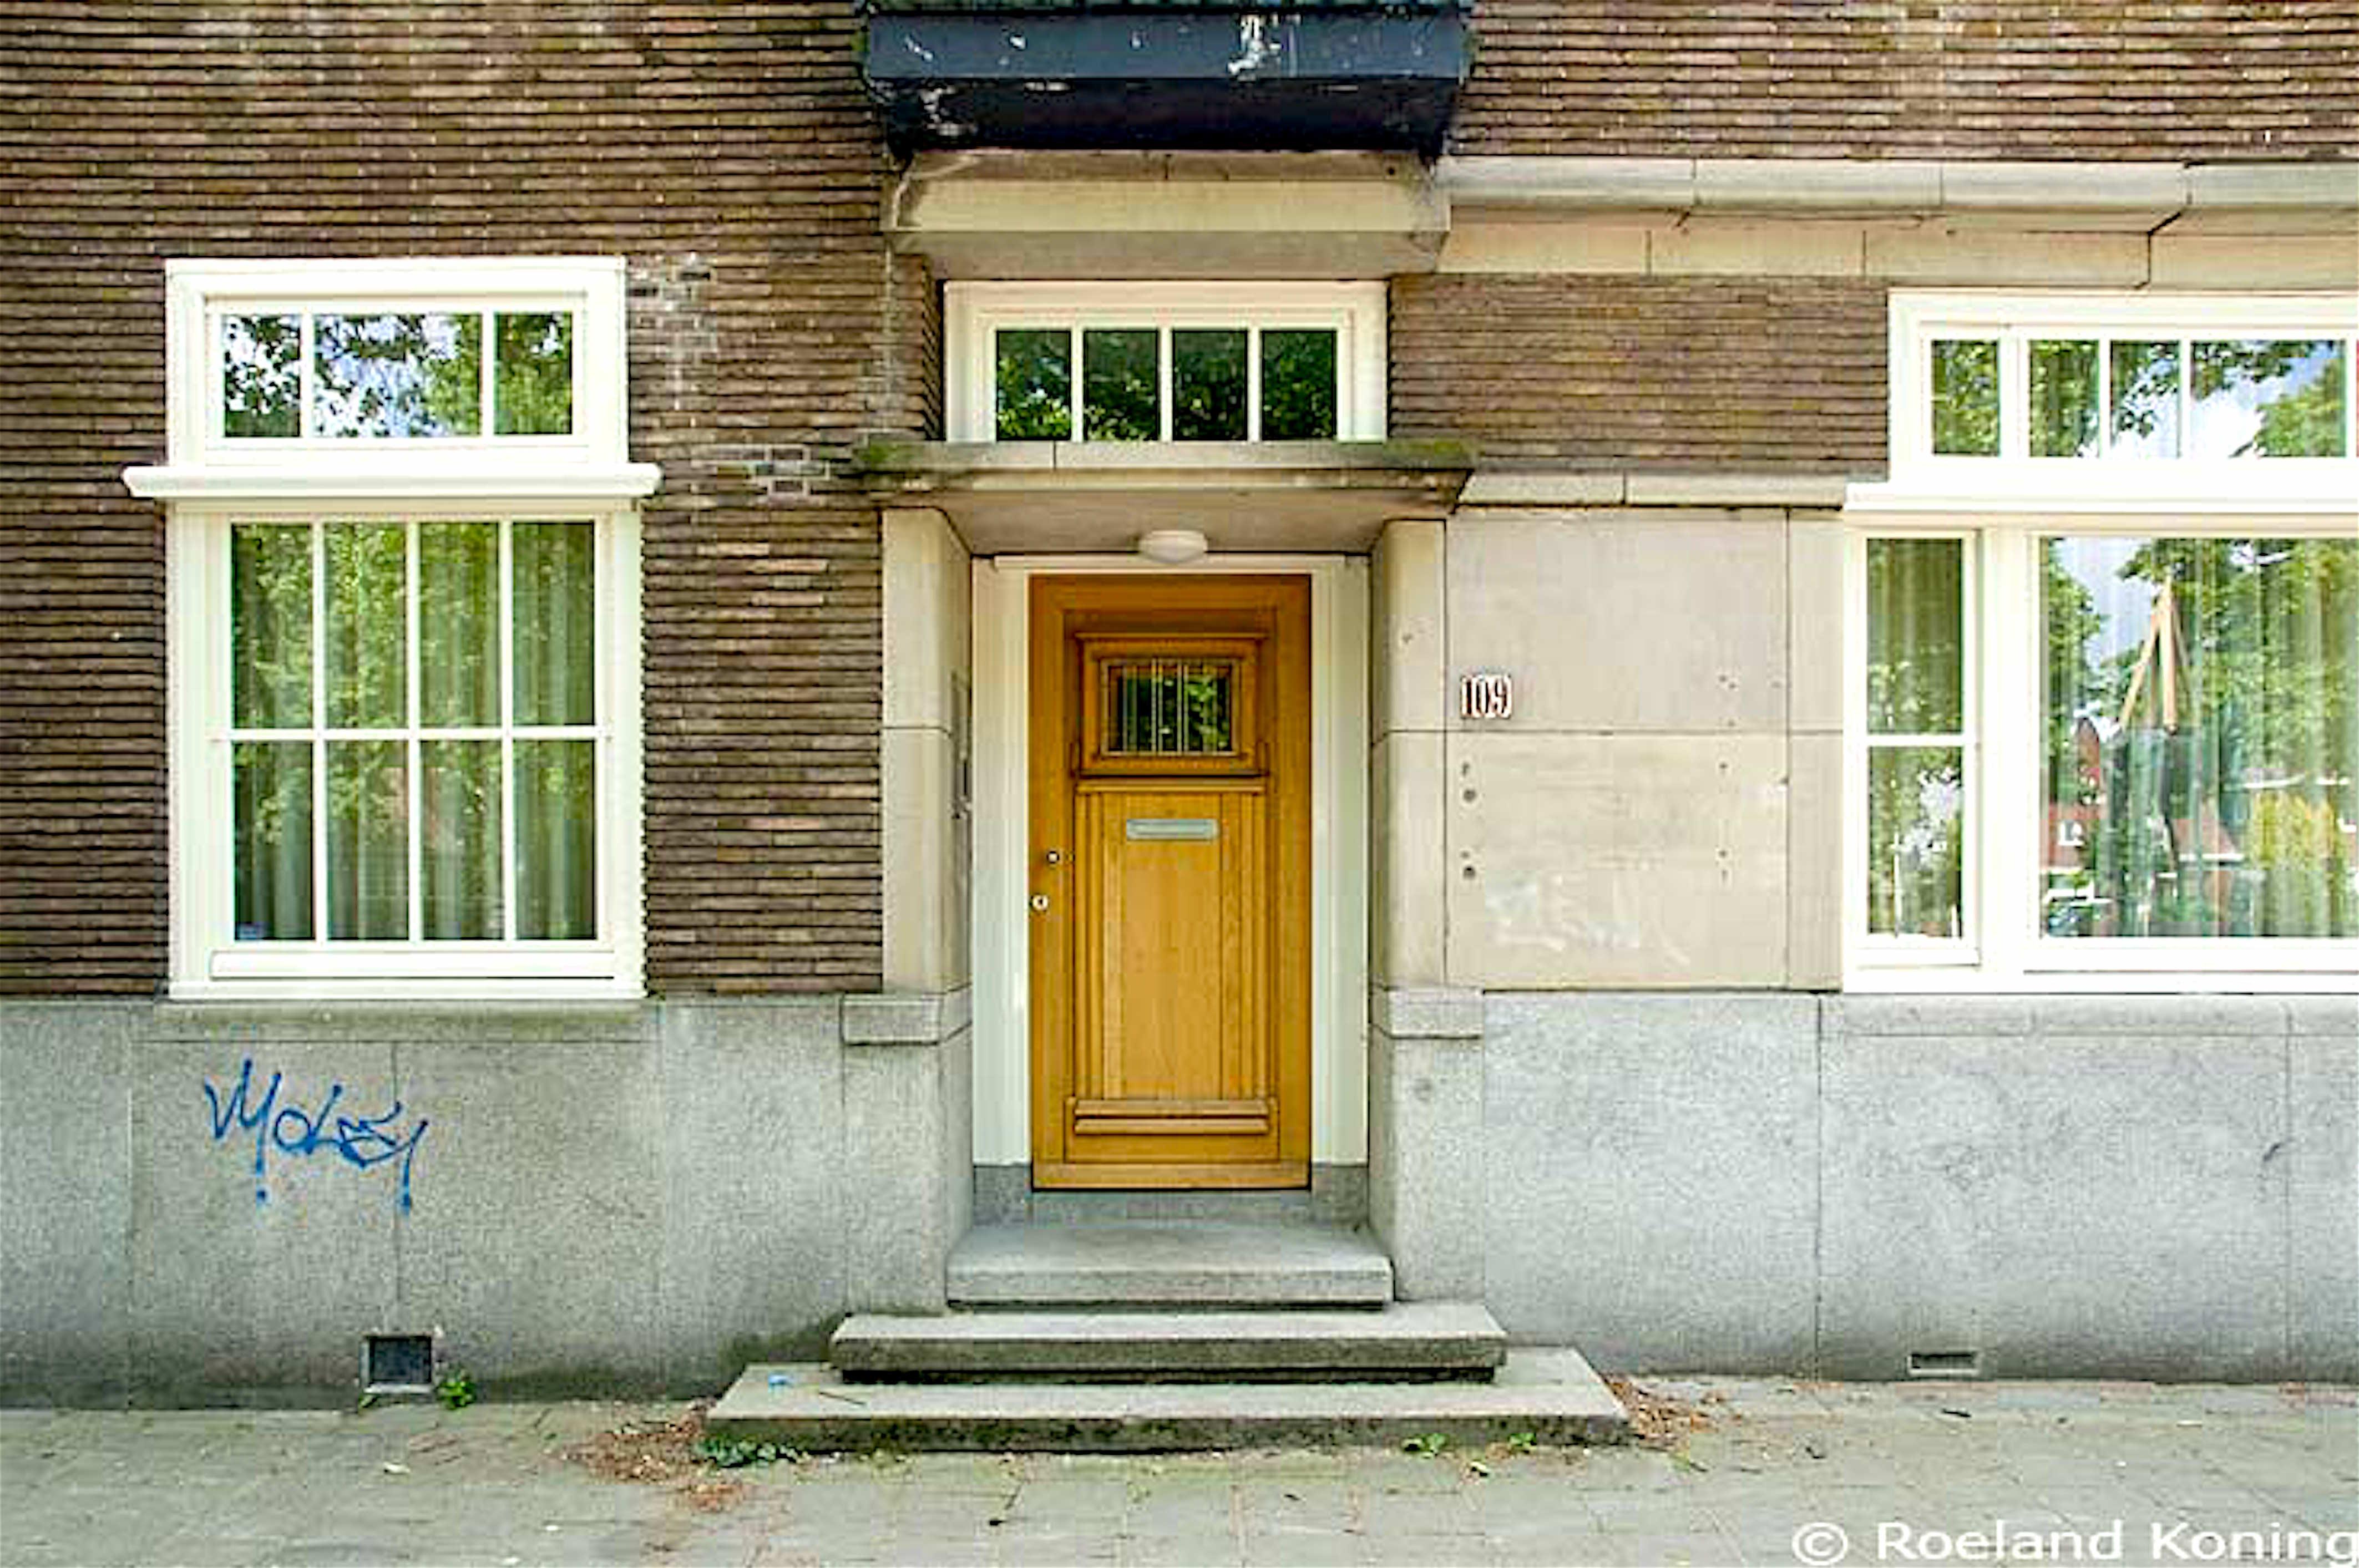 Apollolaan 109, voormalig kantoor van Endstra., rechts naast de ingang gaten van het naambord van zijn bedrijven, Endstra werd op 17 mei 2004 voor zijn kantoor doodgeschoten (foto Roeland Koning)